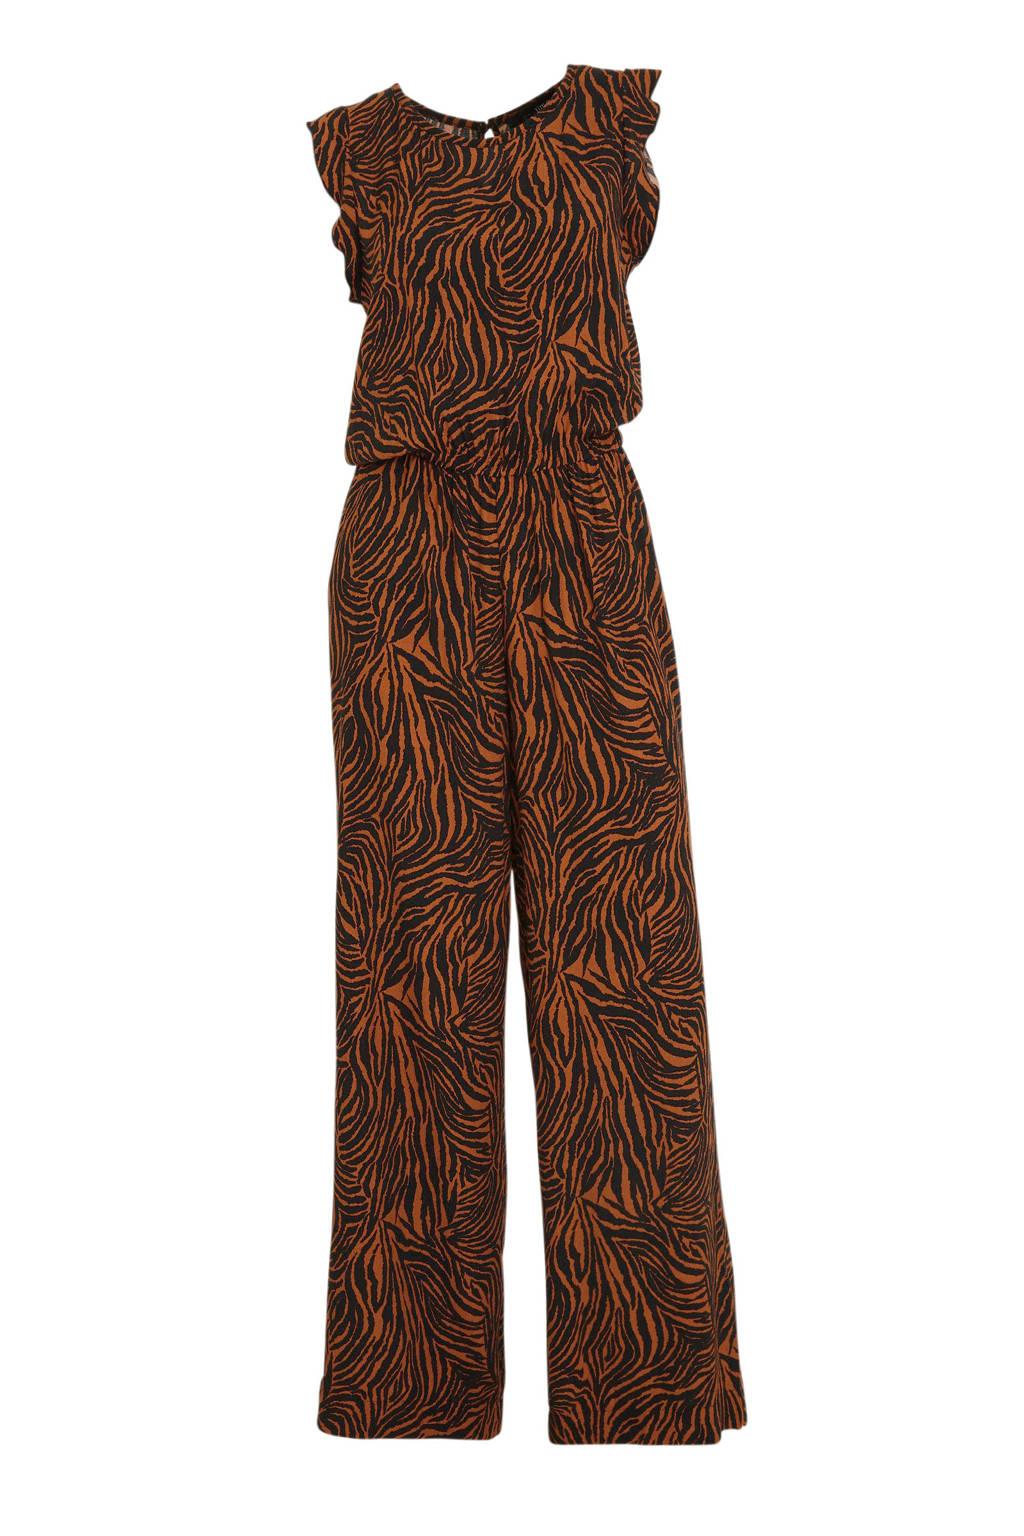 anytime jumpsuit met zebraprint zwart/brique, Brique/zwart